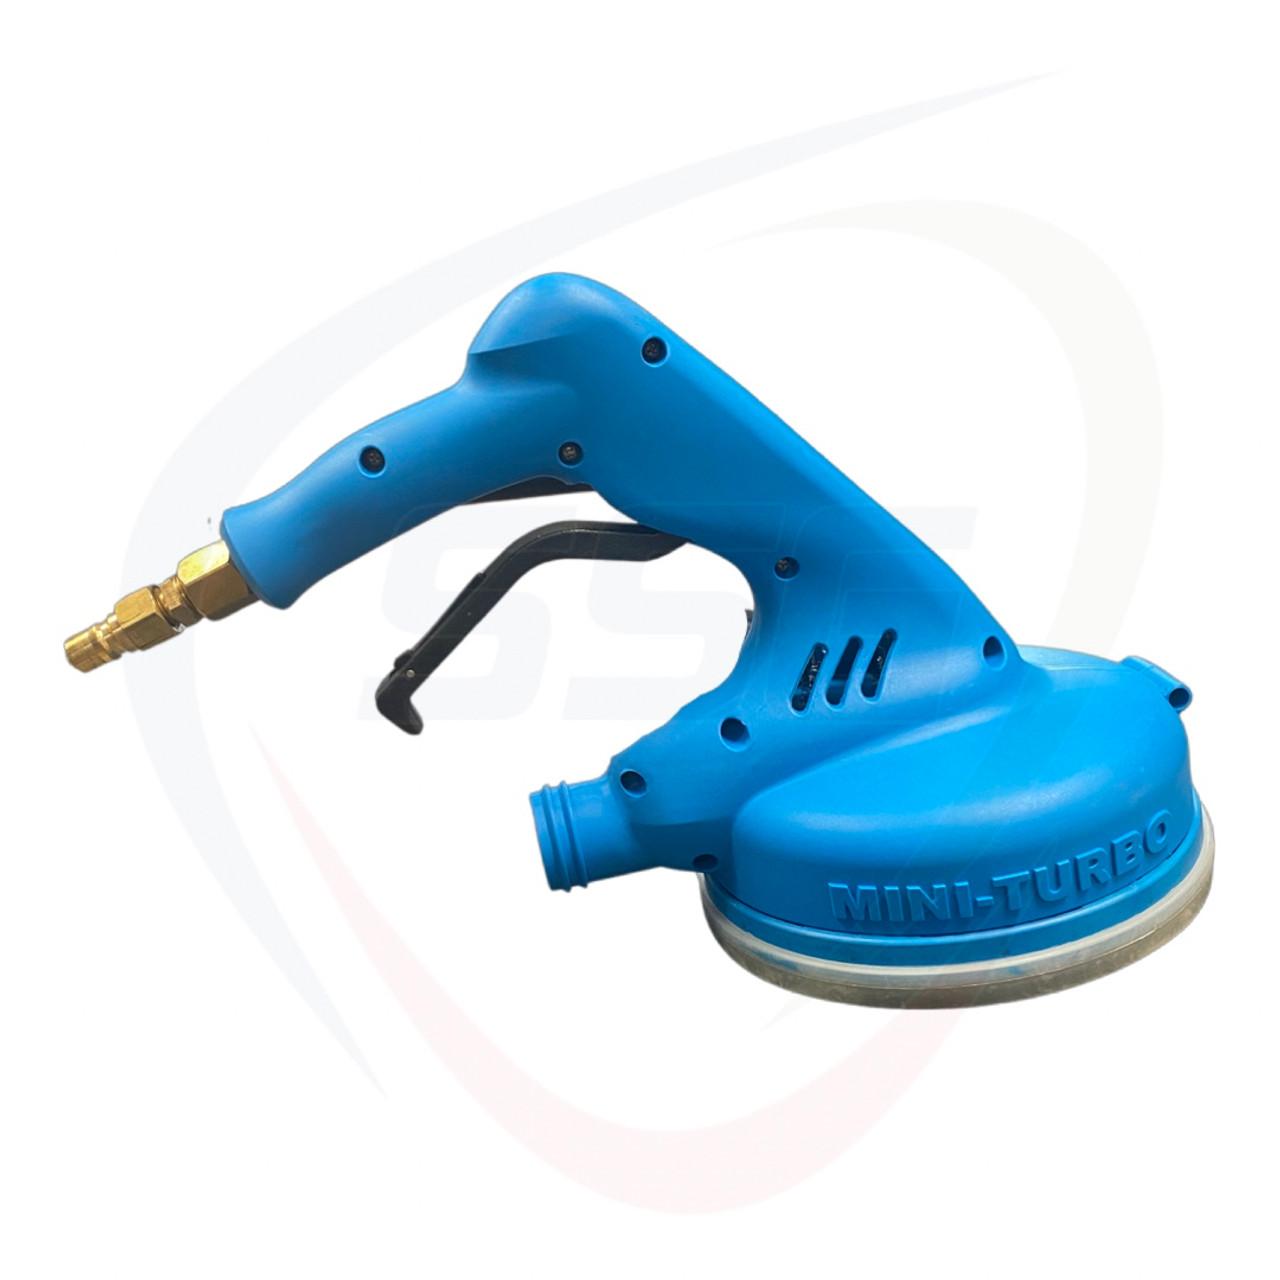 Turbo Force Mini Handheld Spinner